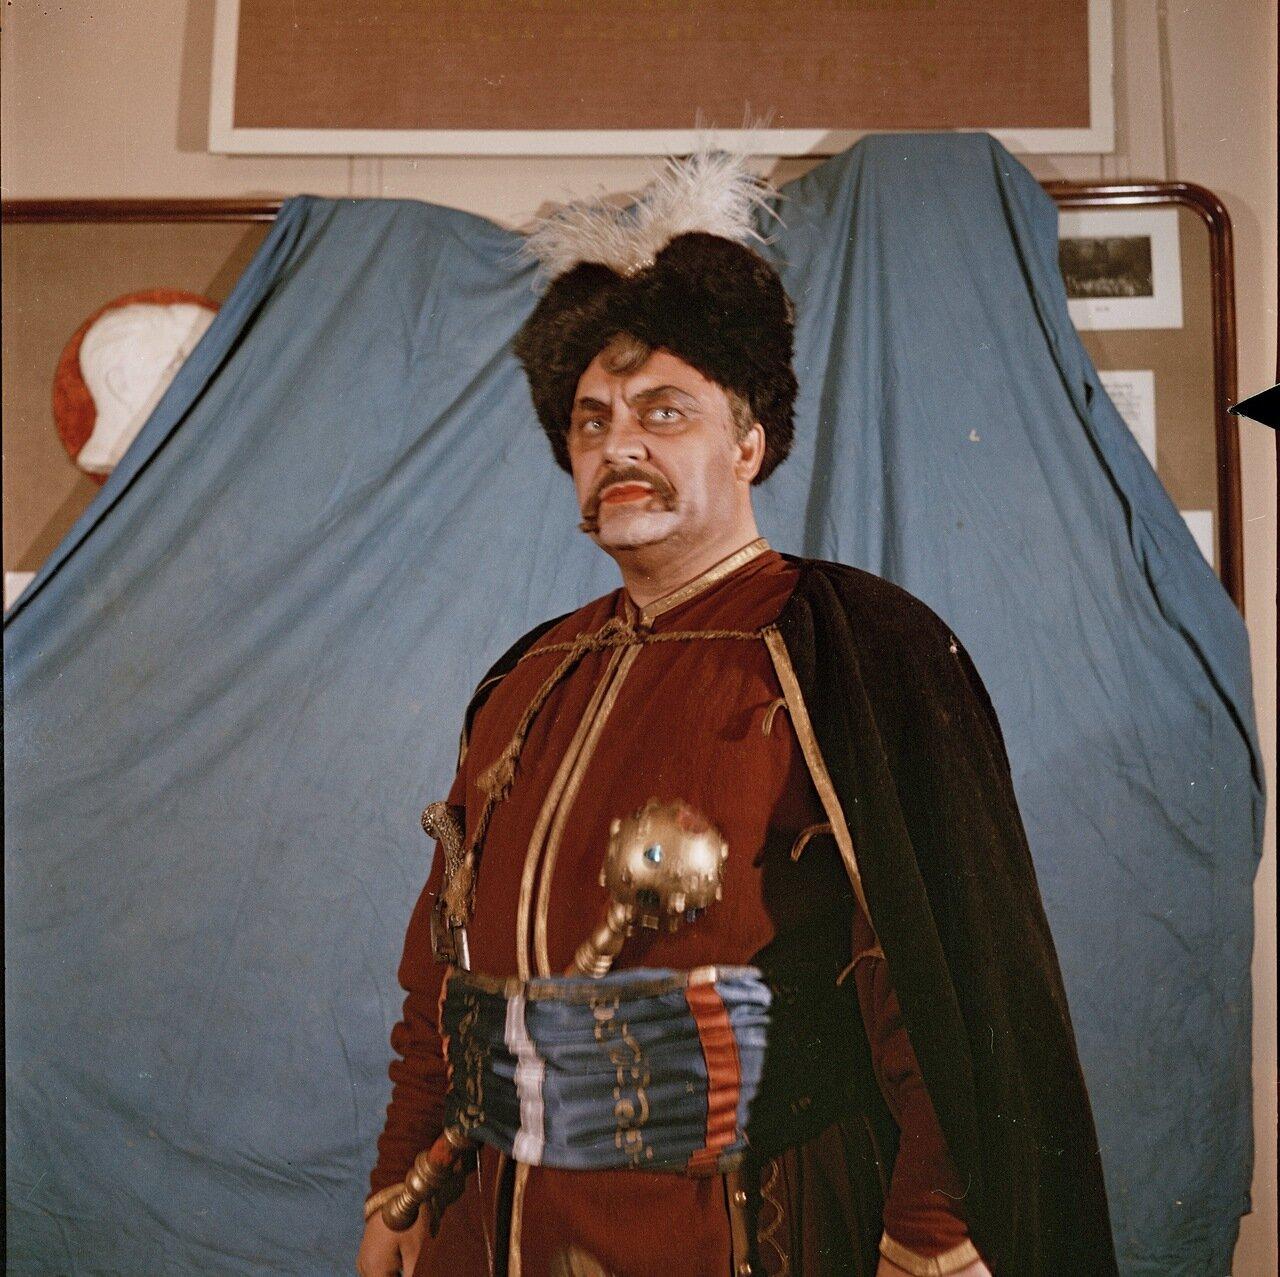 Народный артист СССР Гришко в роли Хмельницкого. 1951